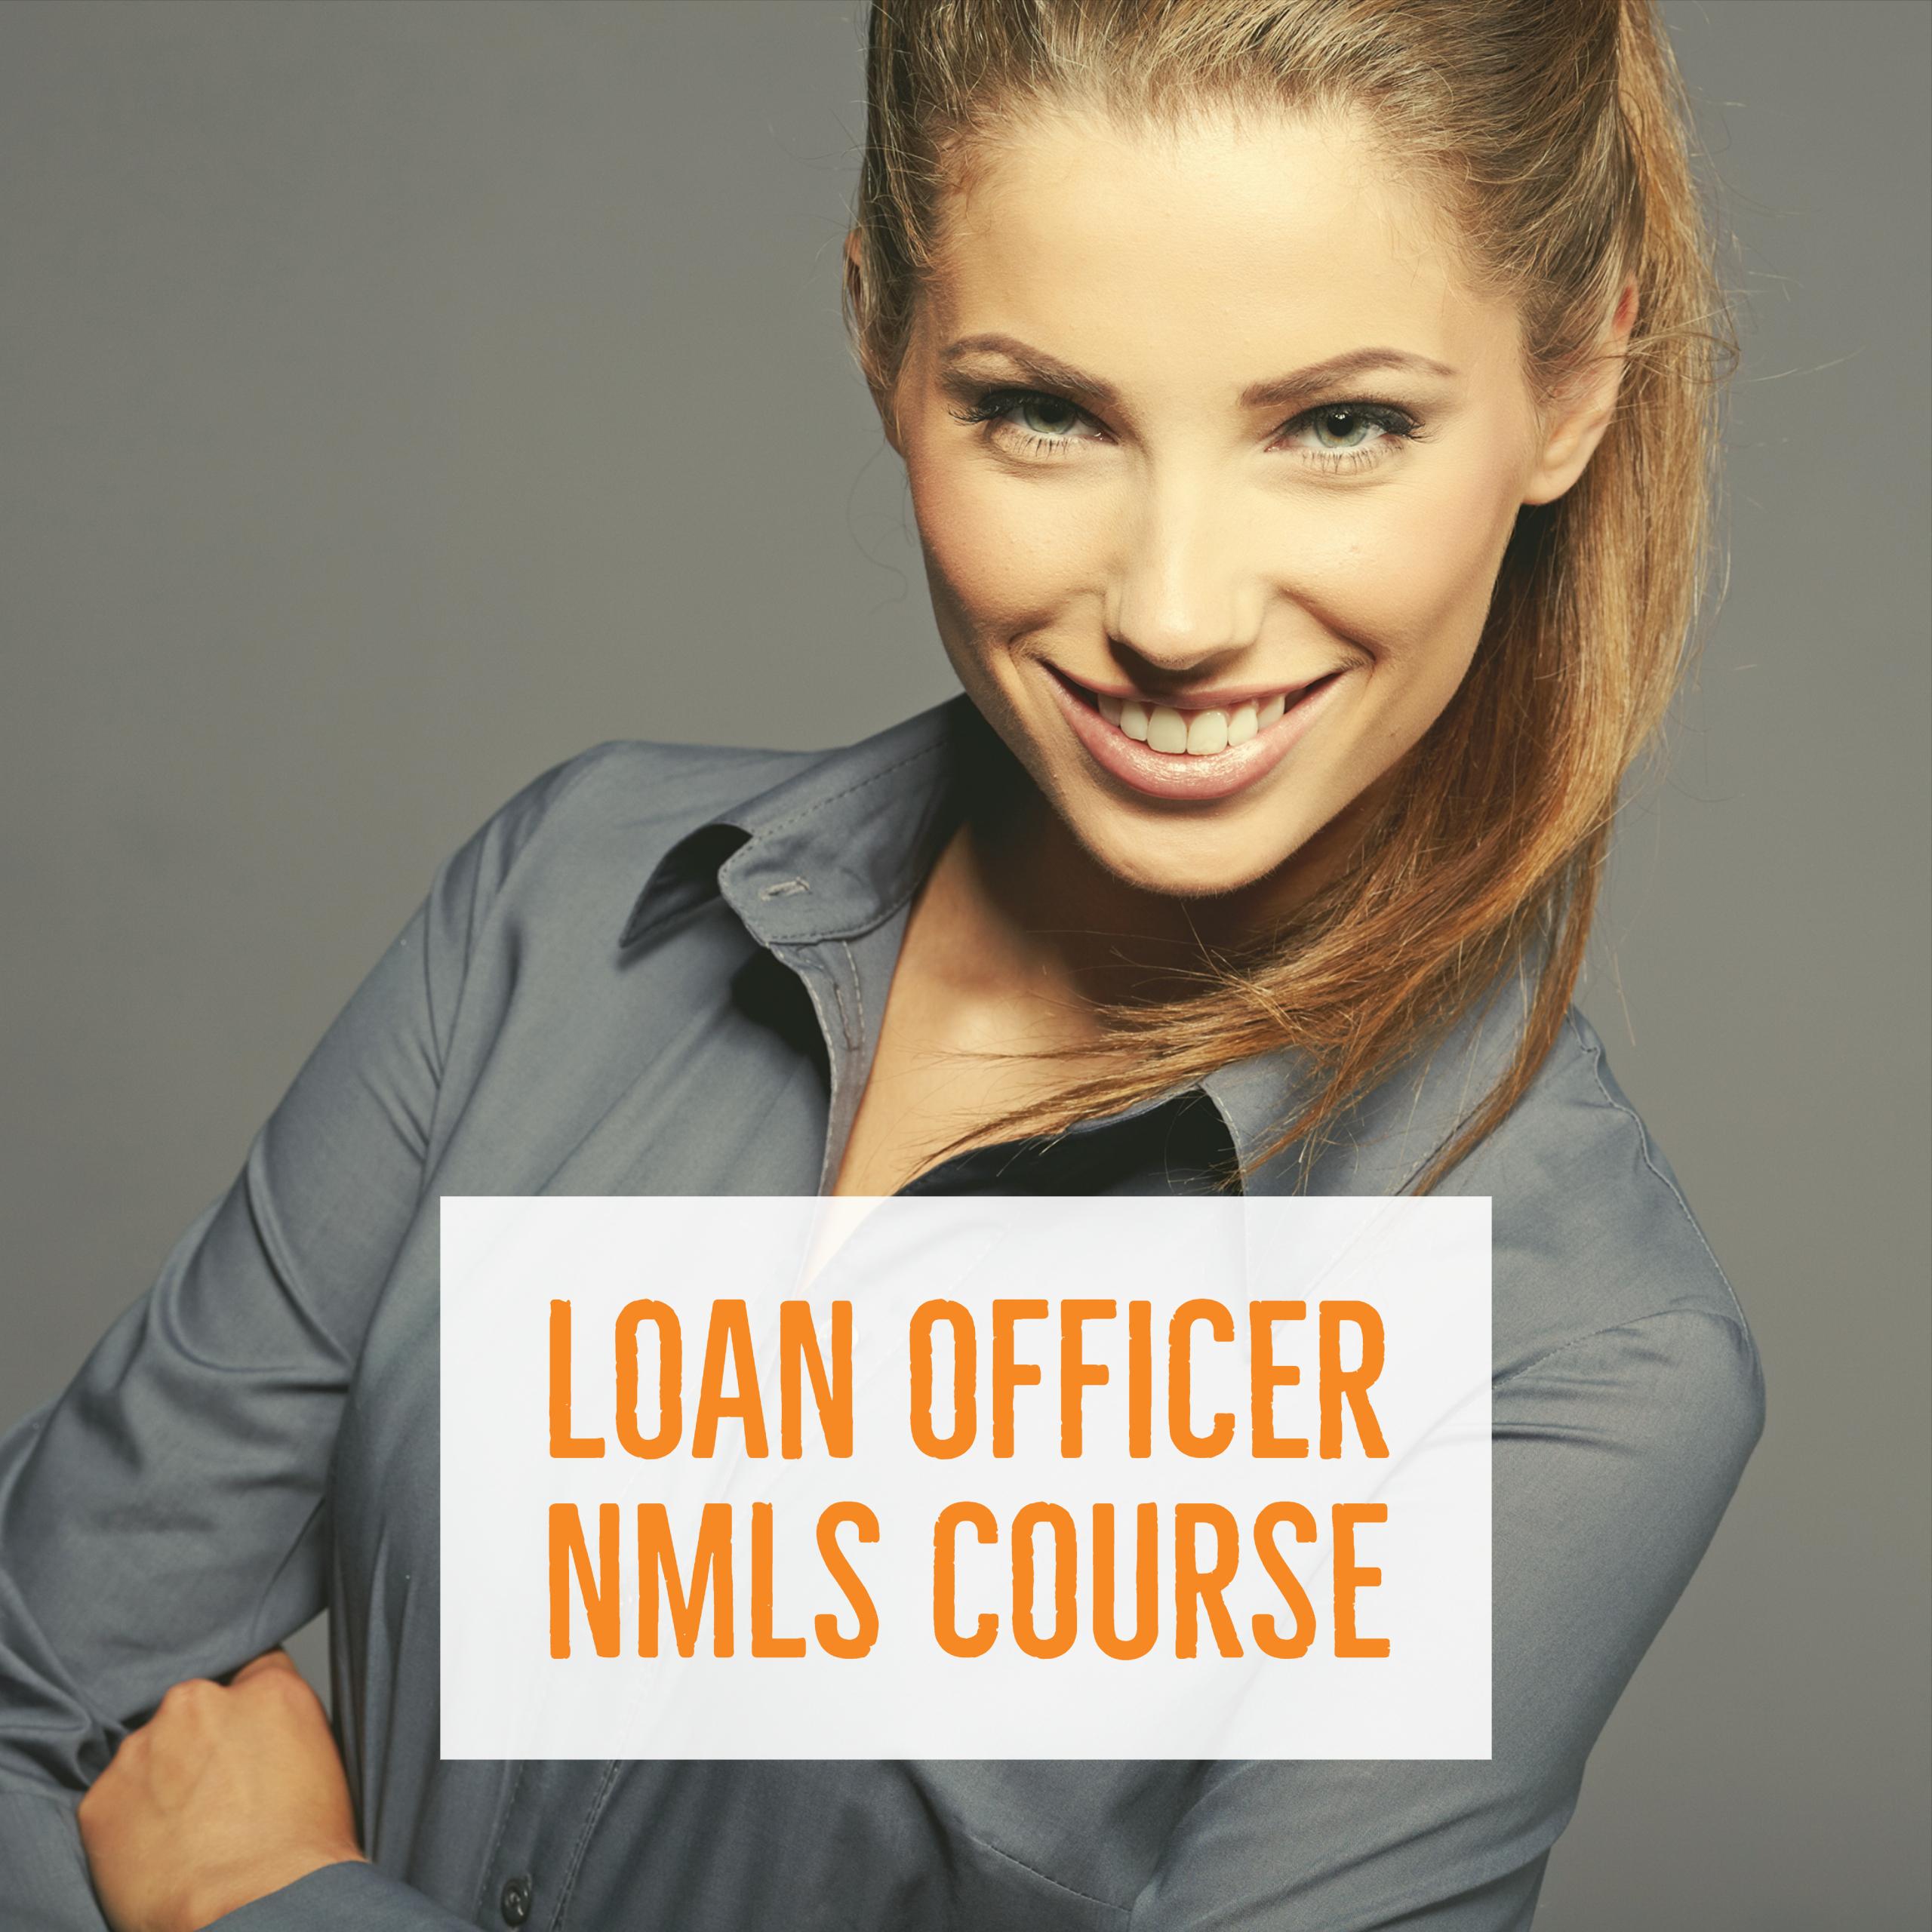 NMLS-Course-Loan-Officer-School-Loan-Officer-Classes-Mortgage-Broker-School-Best-Loan-Officer-Training-CORE